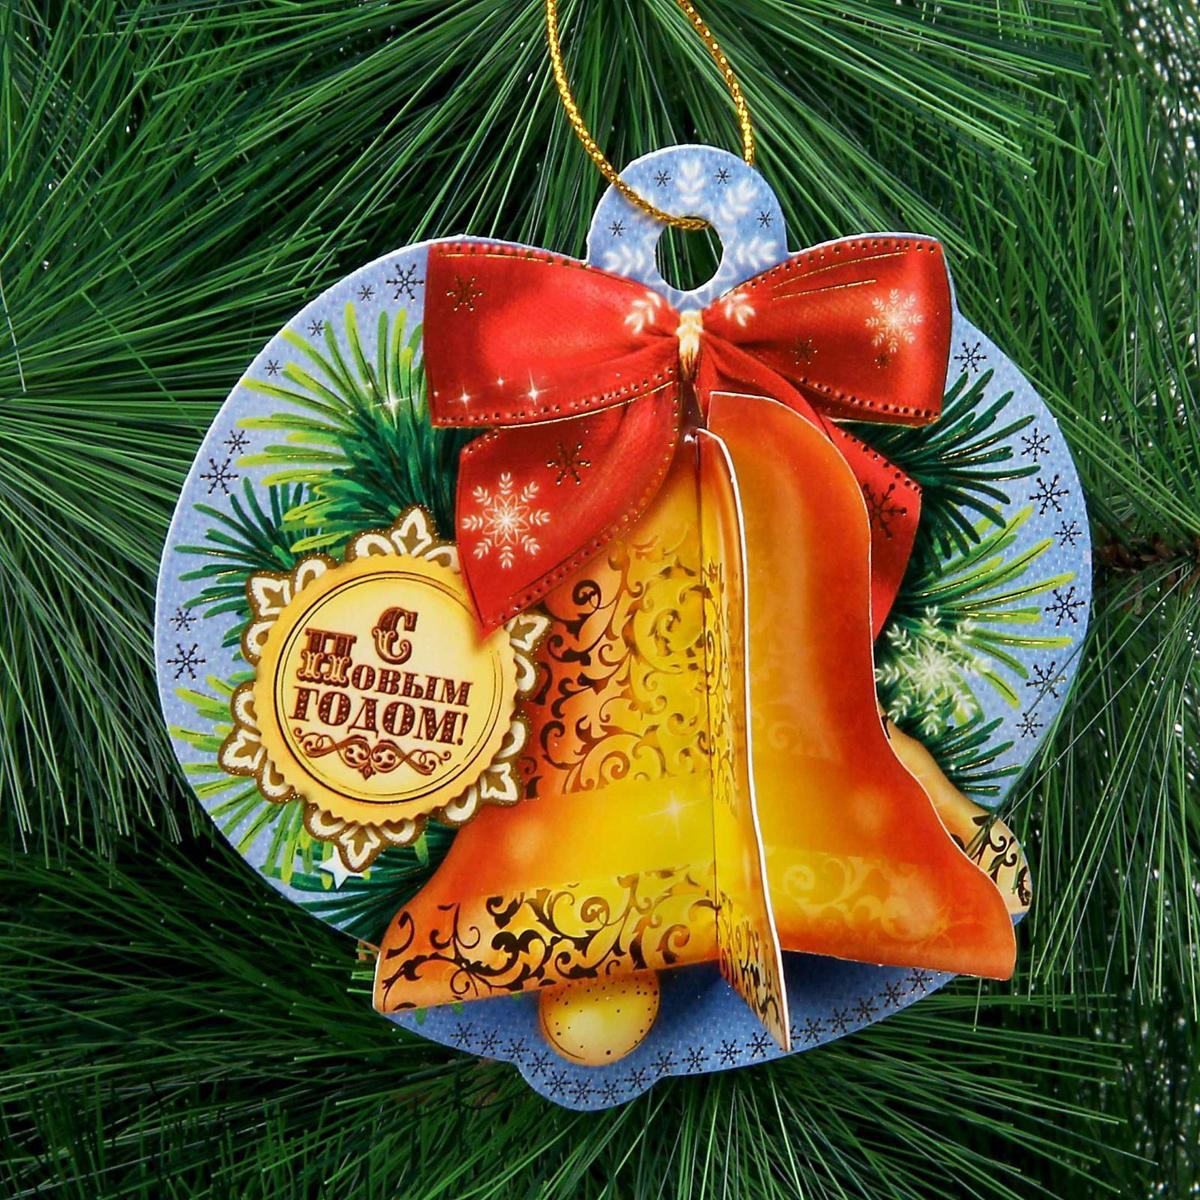 Новогоднее подвесное украшение Sima-land С Новым годом, 10,1 х 9,7 см1364366Новогоднее украшение Sima-land отлично подойдет для декорации вашего дома и новогодней ели.Елочная игрушка - символ Нового года. Она несет в себе волшебство и красоту праздника. Такое украшение создаст в вашем доме атмосферу праздника, веселья и радости.